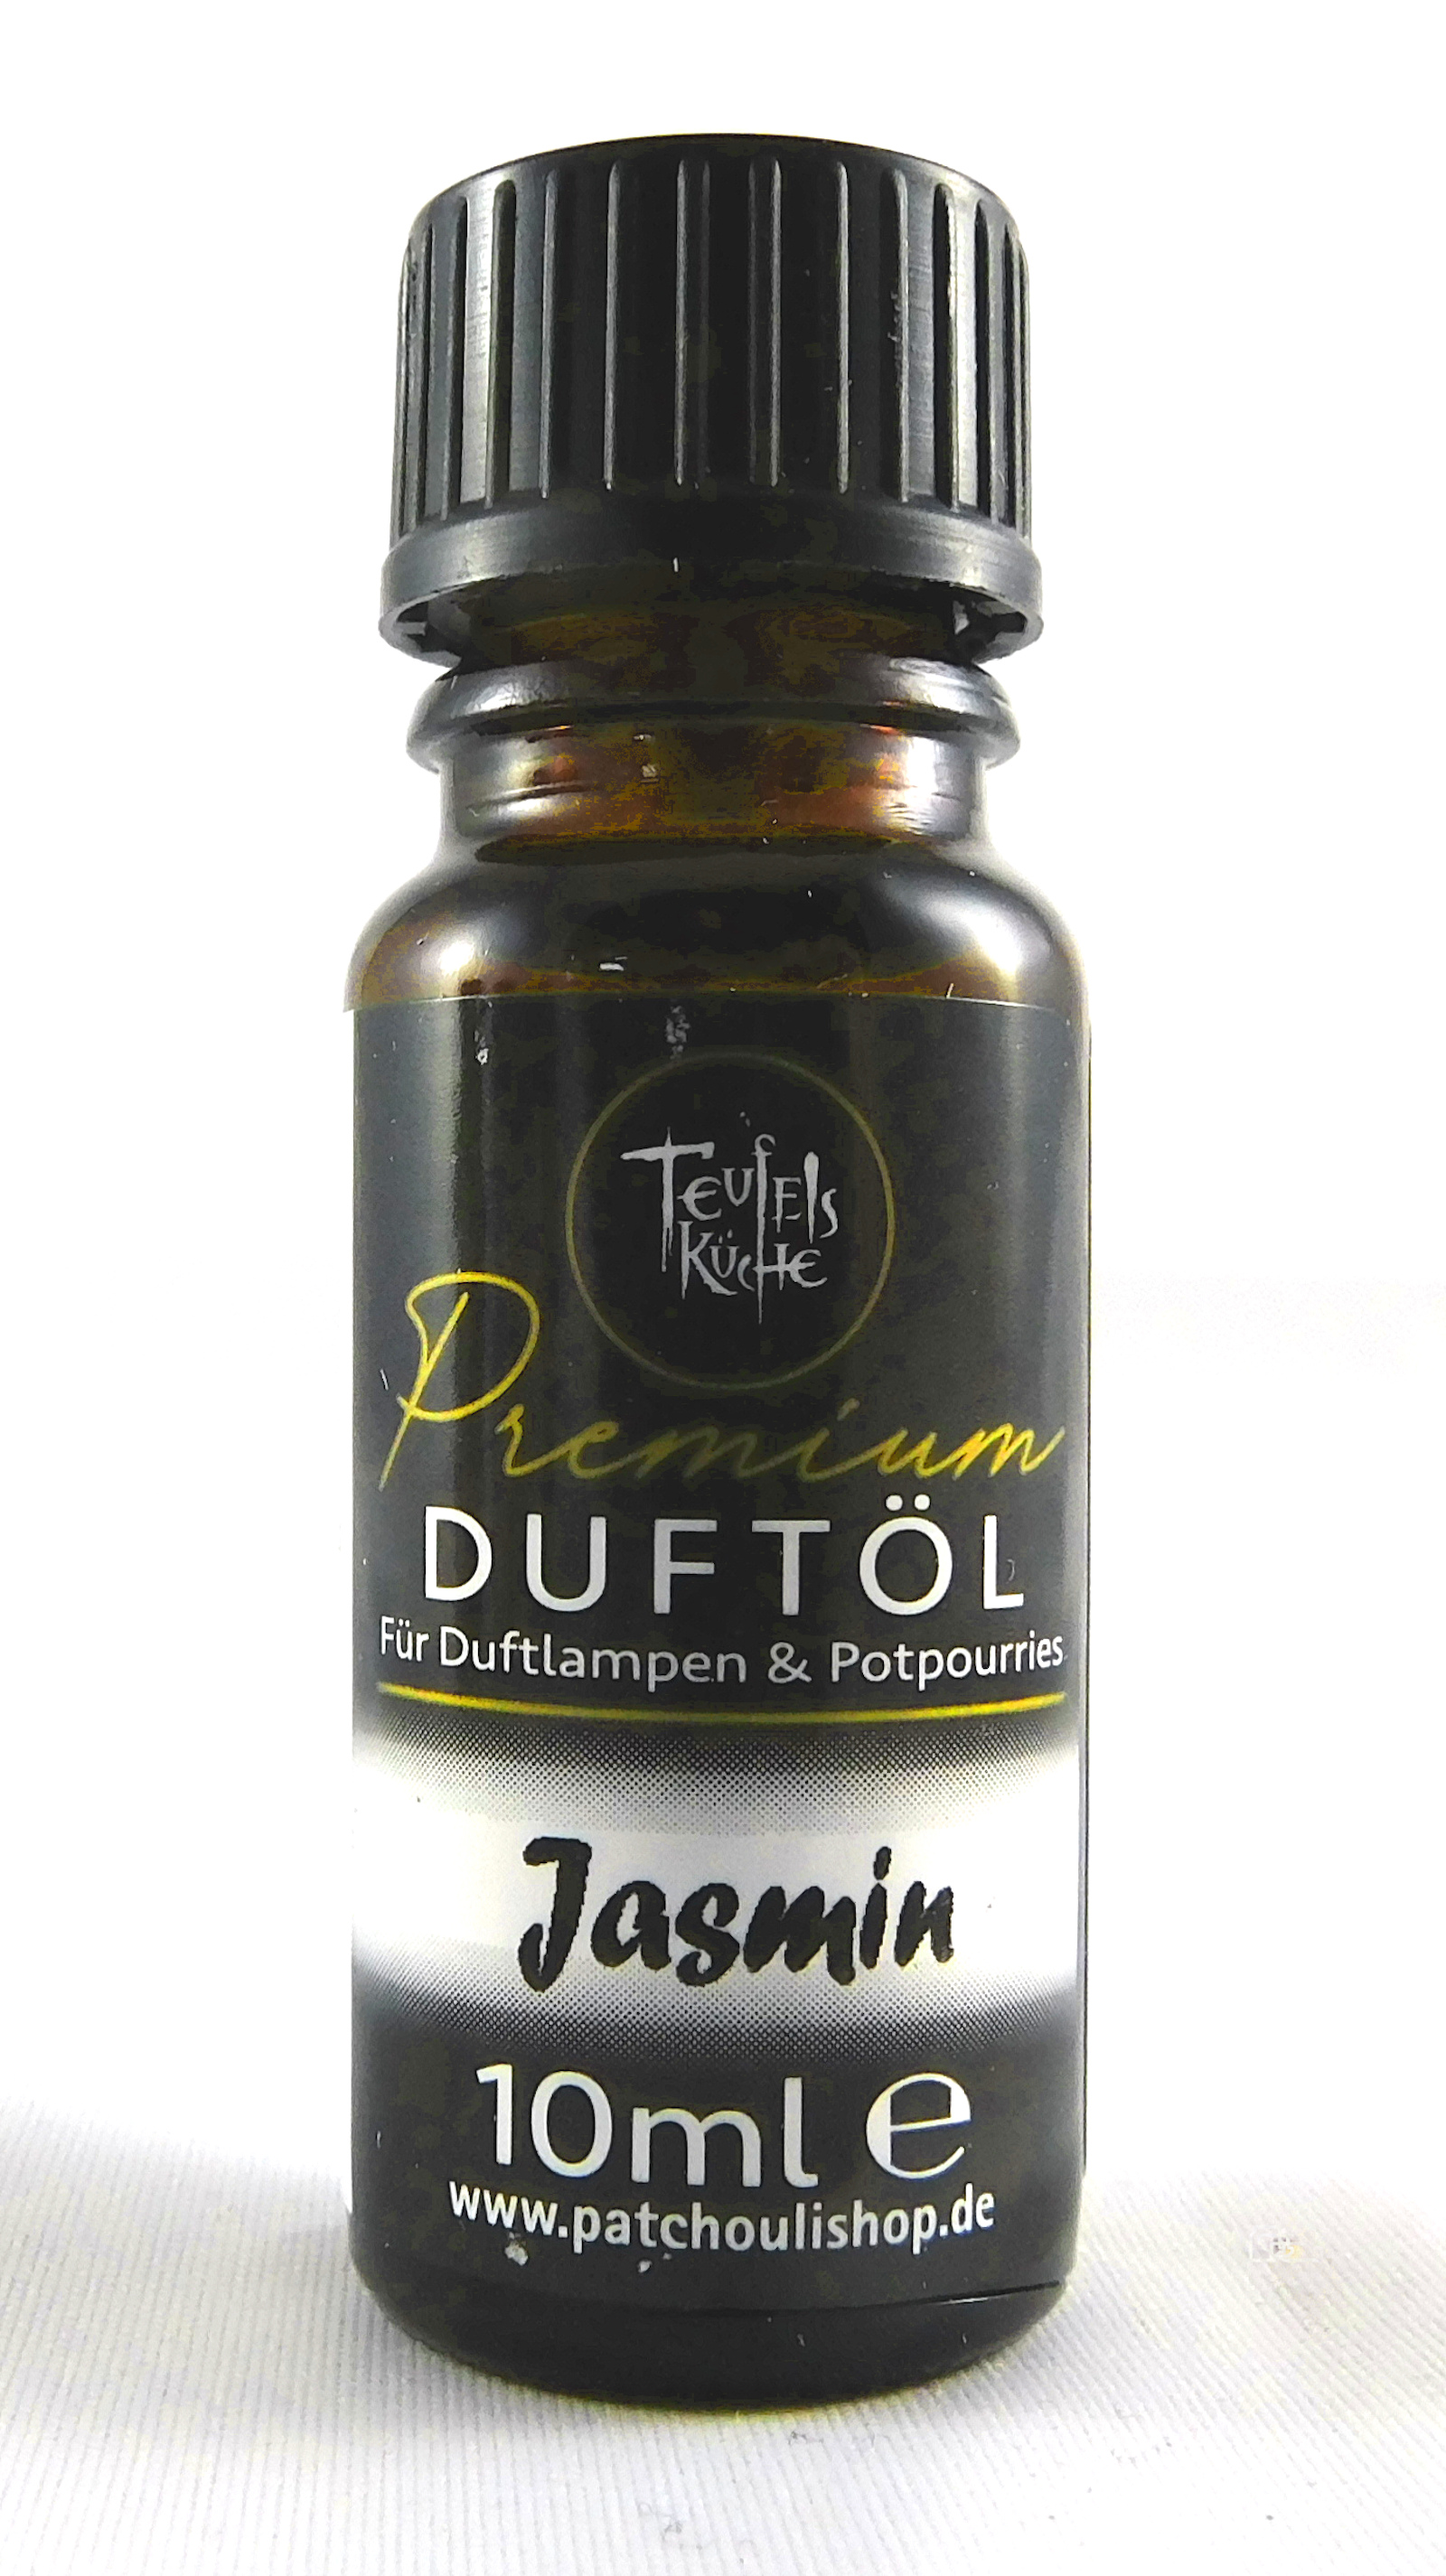 Premium Duftöl von Teufelsküche Jasmin